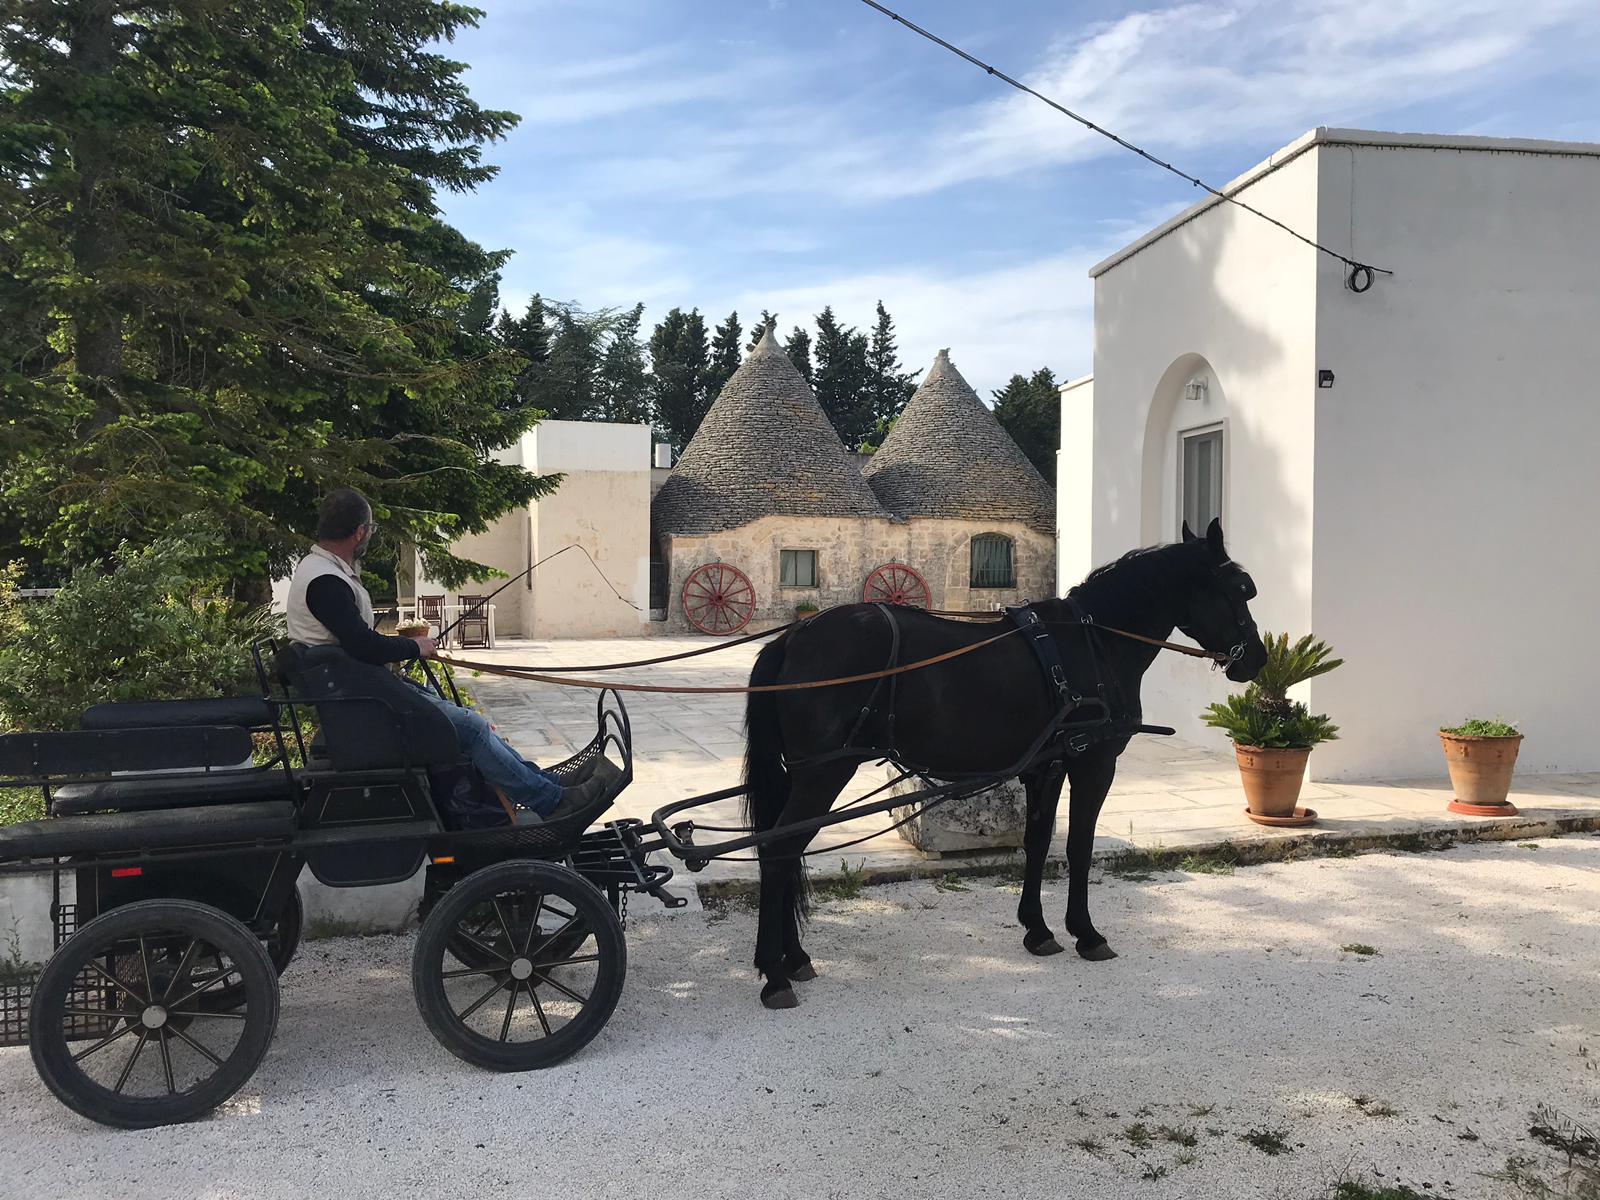 Passeggiata in carrozza nella campagna martinese